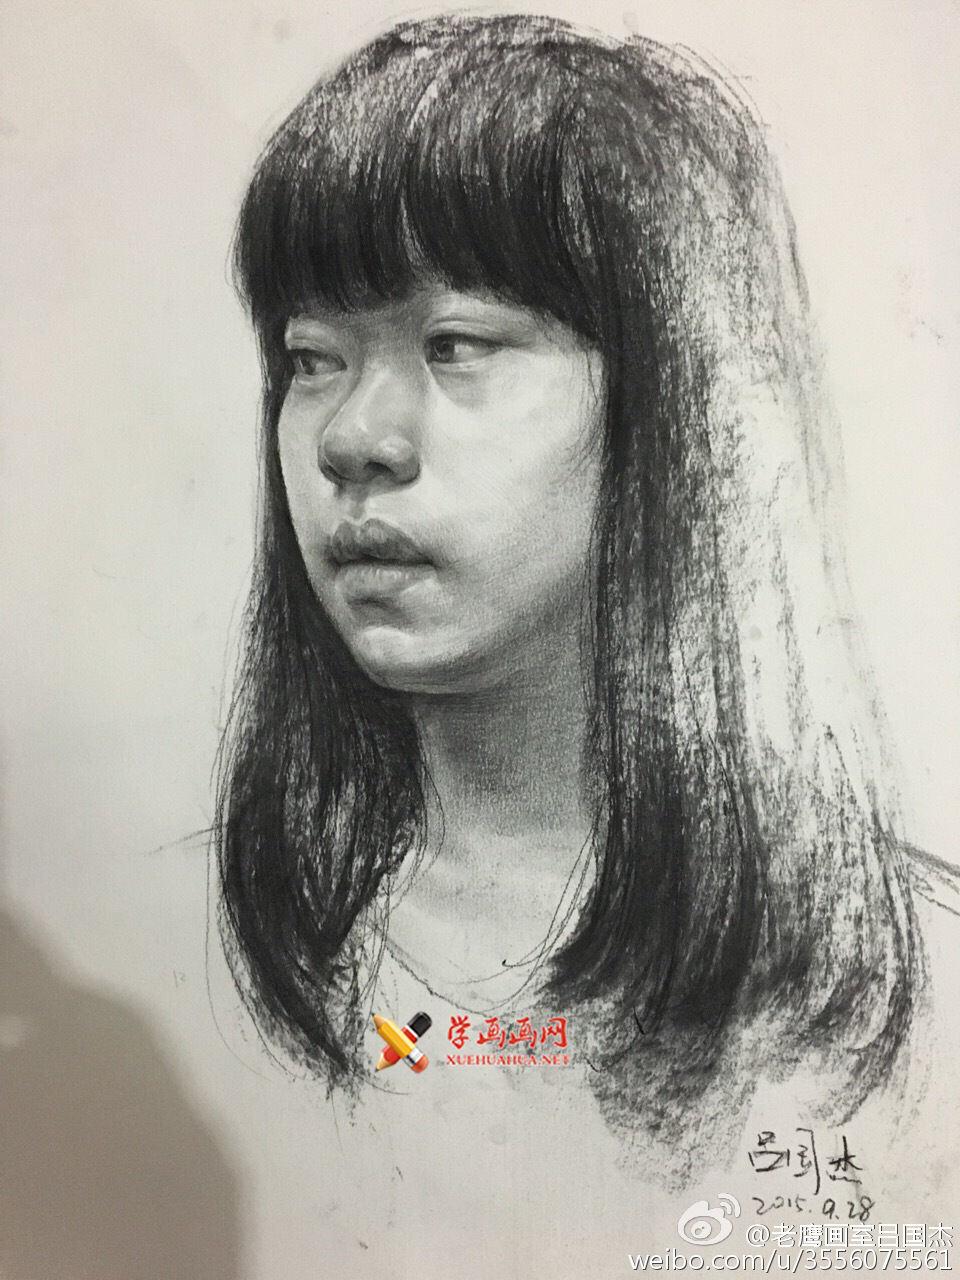 老鹰画室吕国杰老师素描头像范画欣赏(4)